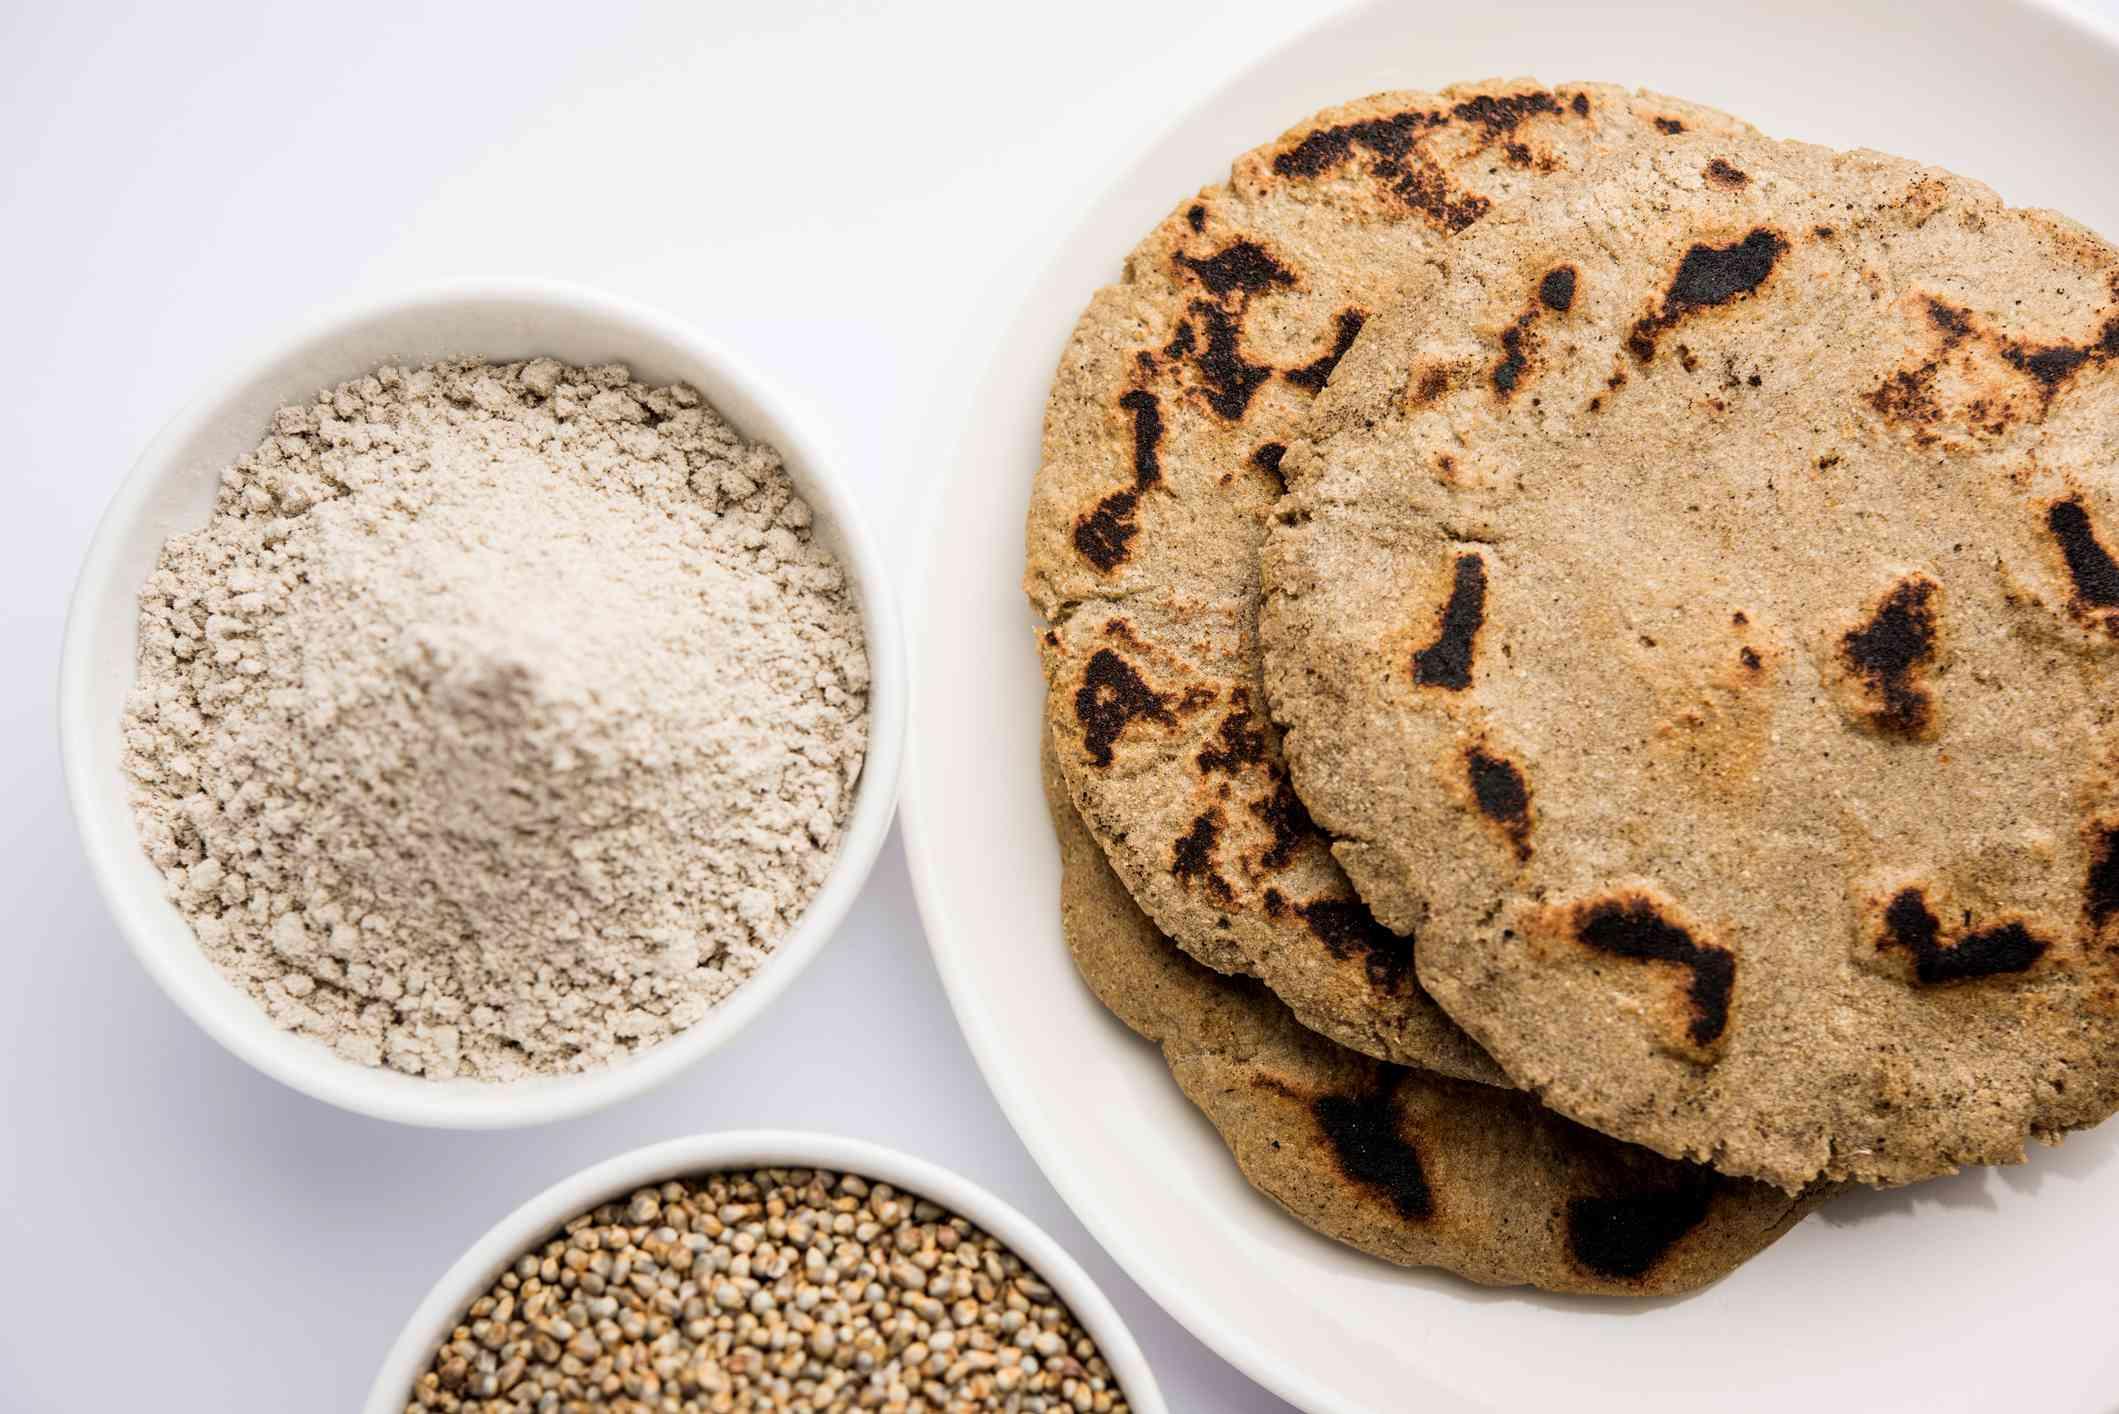 Sorghum bread